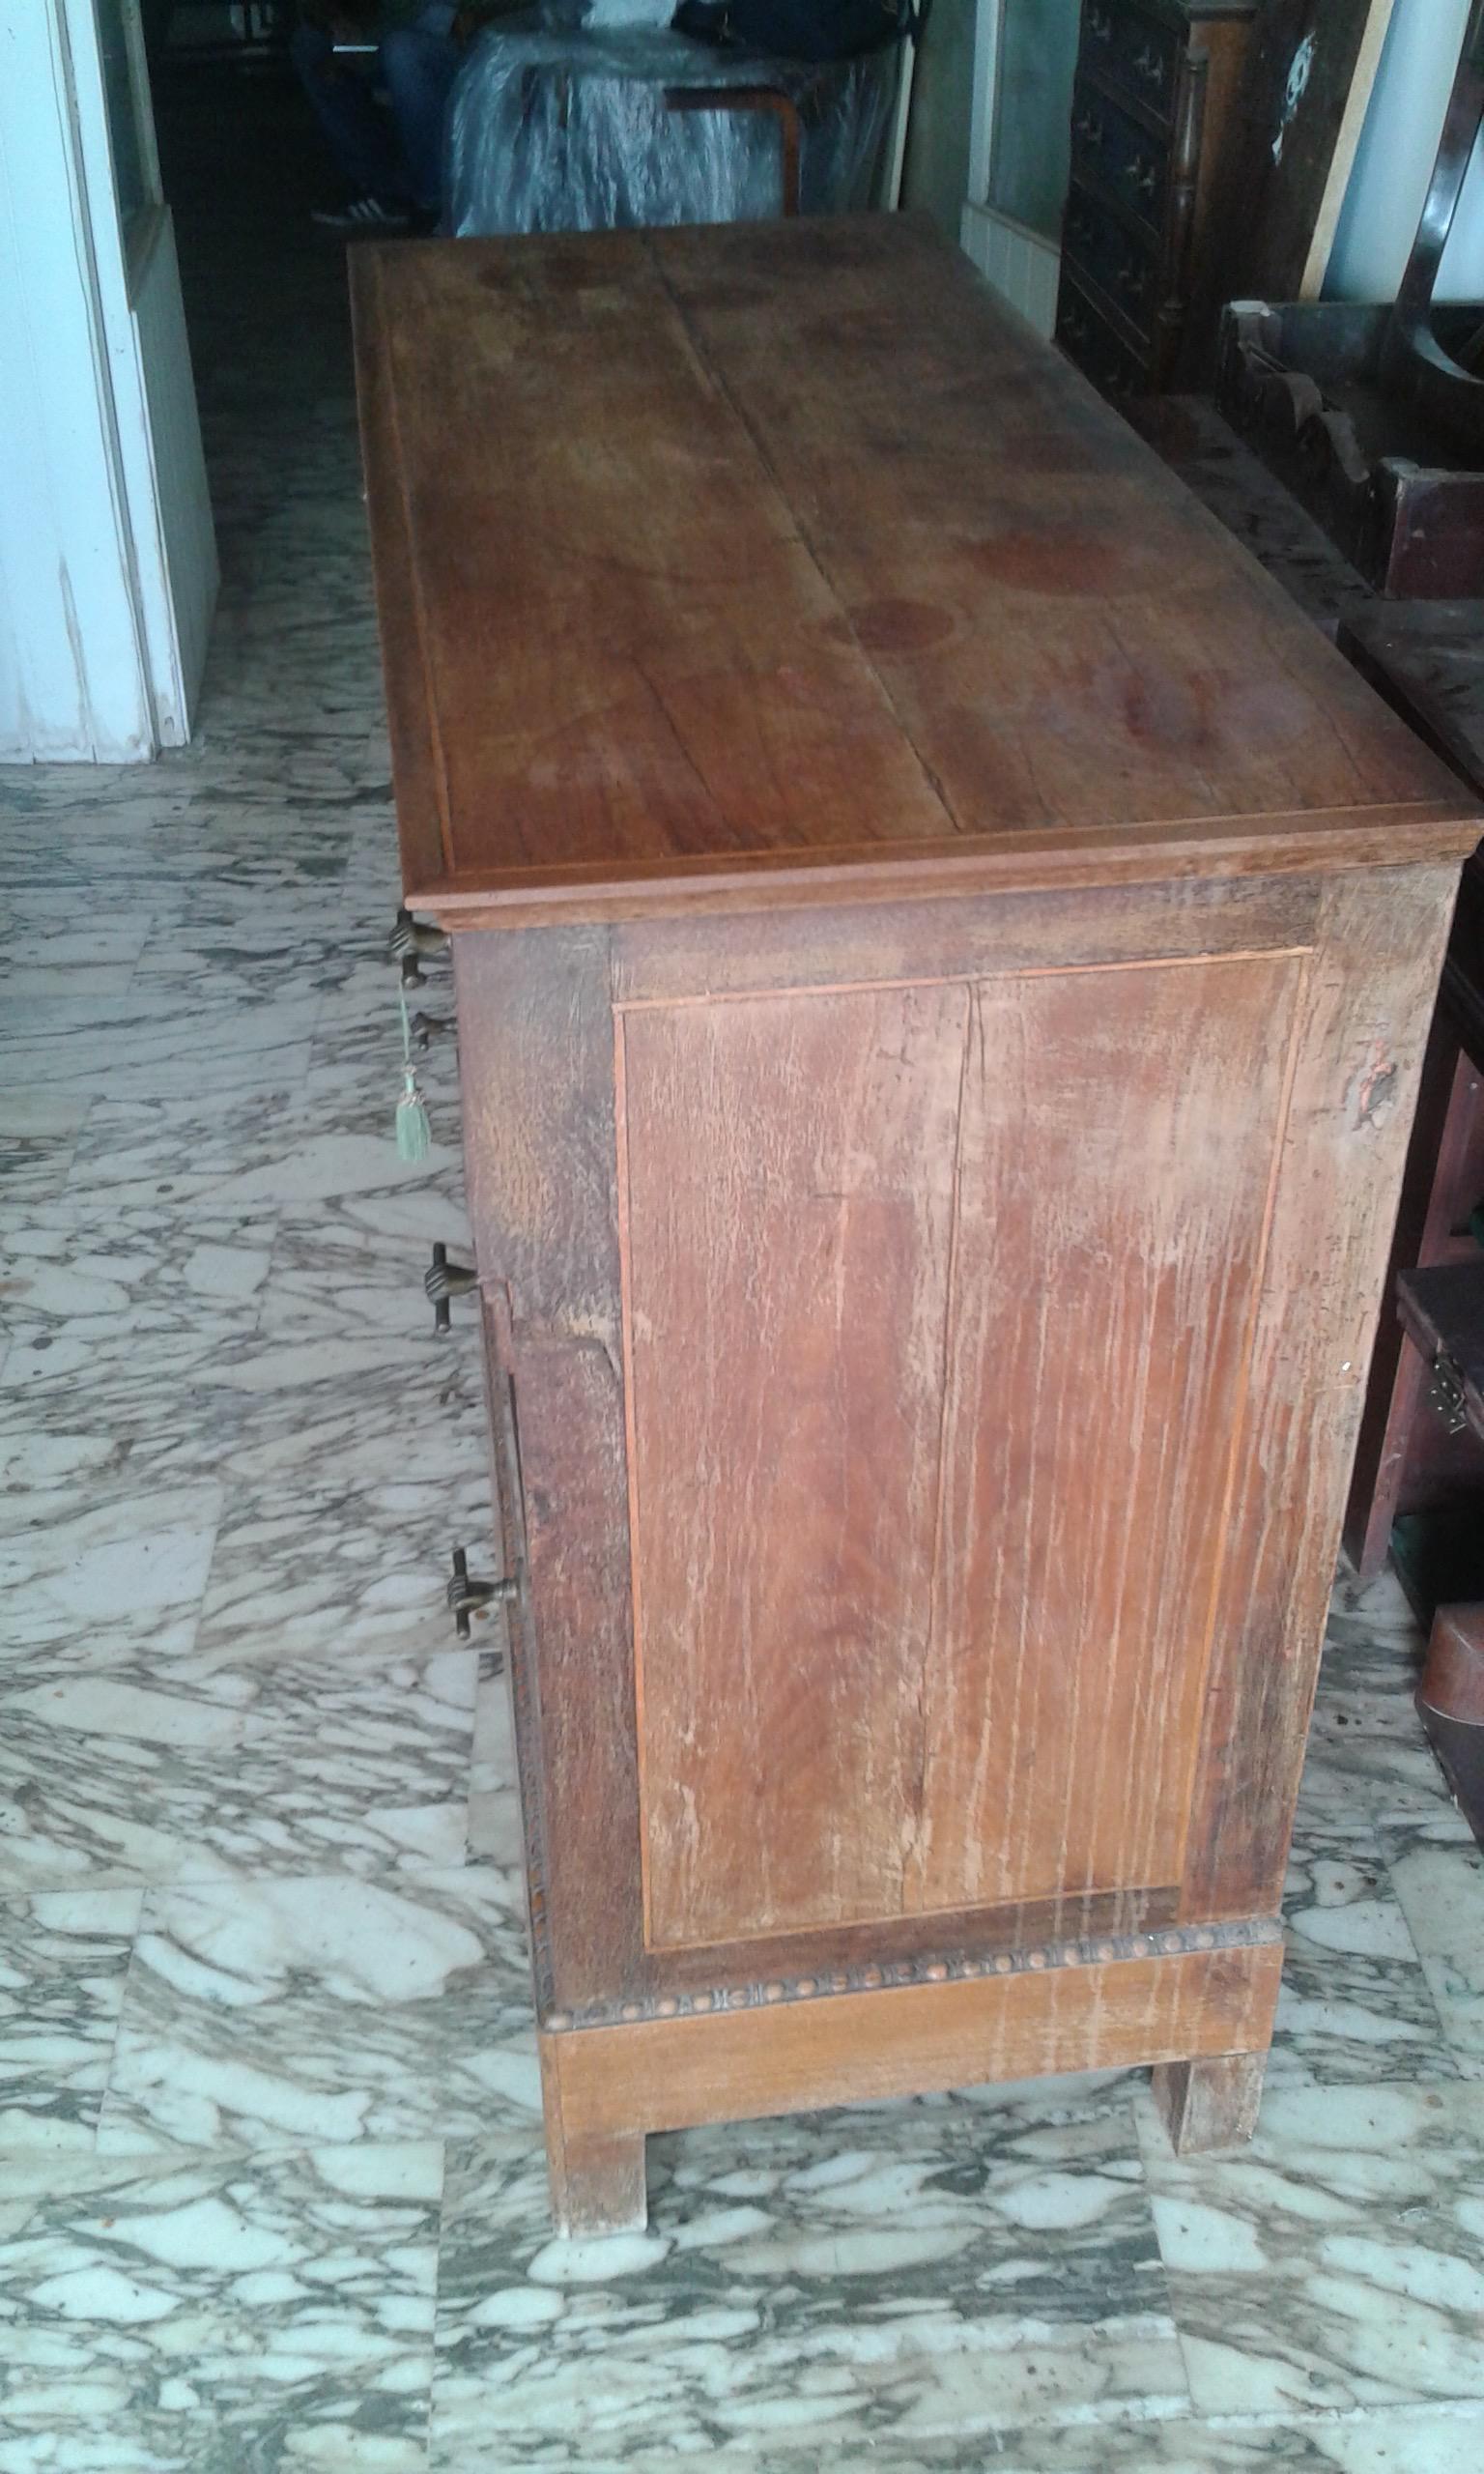 Restaurare un mobile good restaurare un mobile shabby with restaurare un mobile come - Restaurare un mobile in legno ...